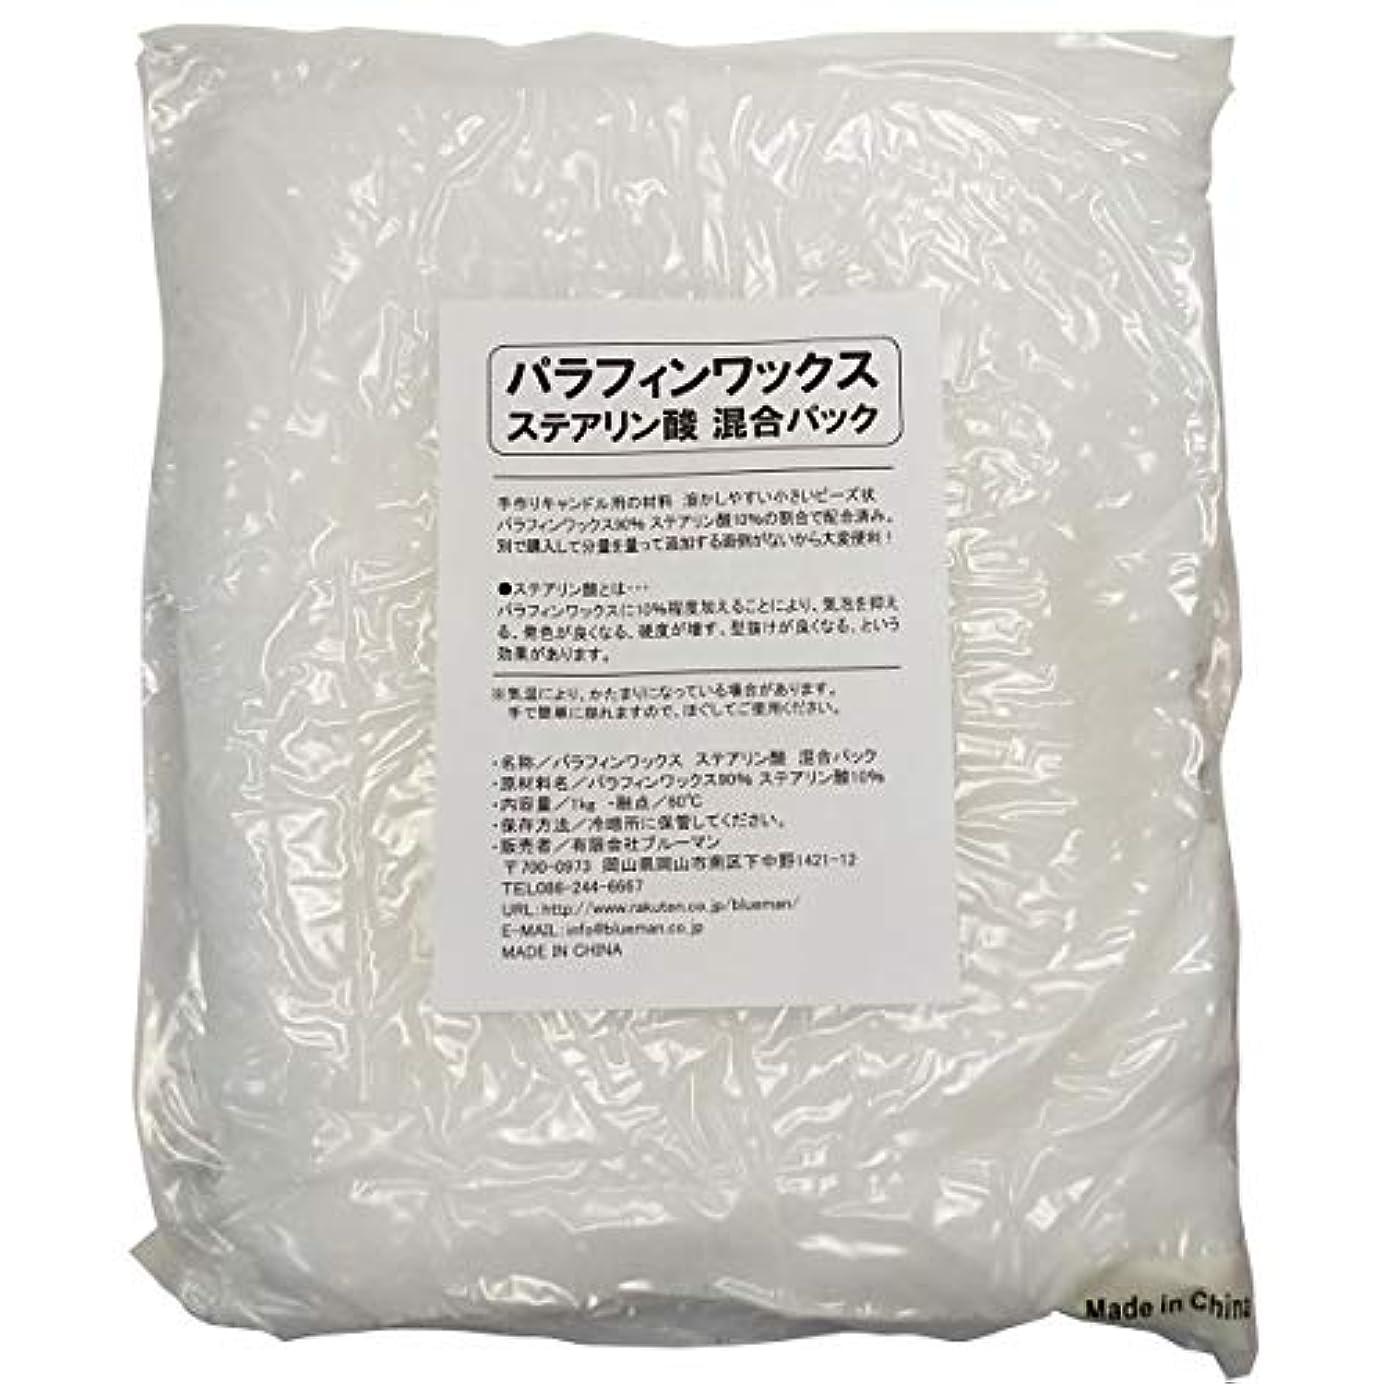 リップ窒素束ねるパラフィンワックス ステアリン酸 混合パック 1kg 手作りキャンドル 材料 1キロ アロマワックスサシェ